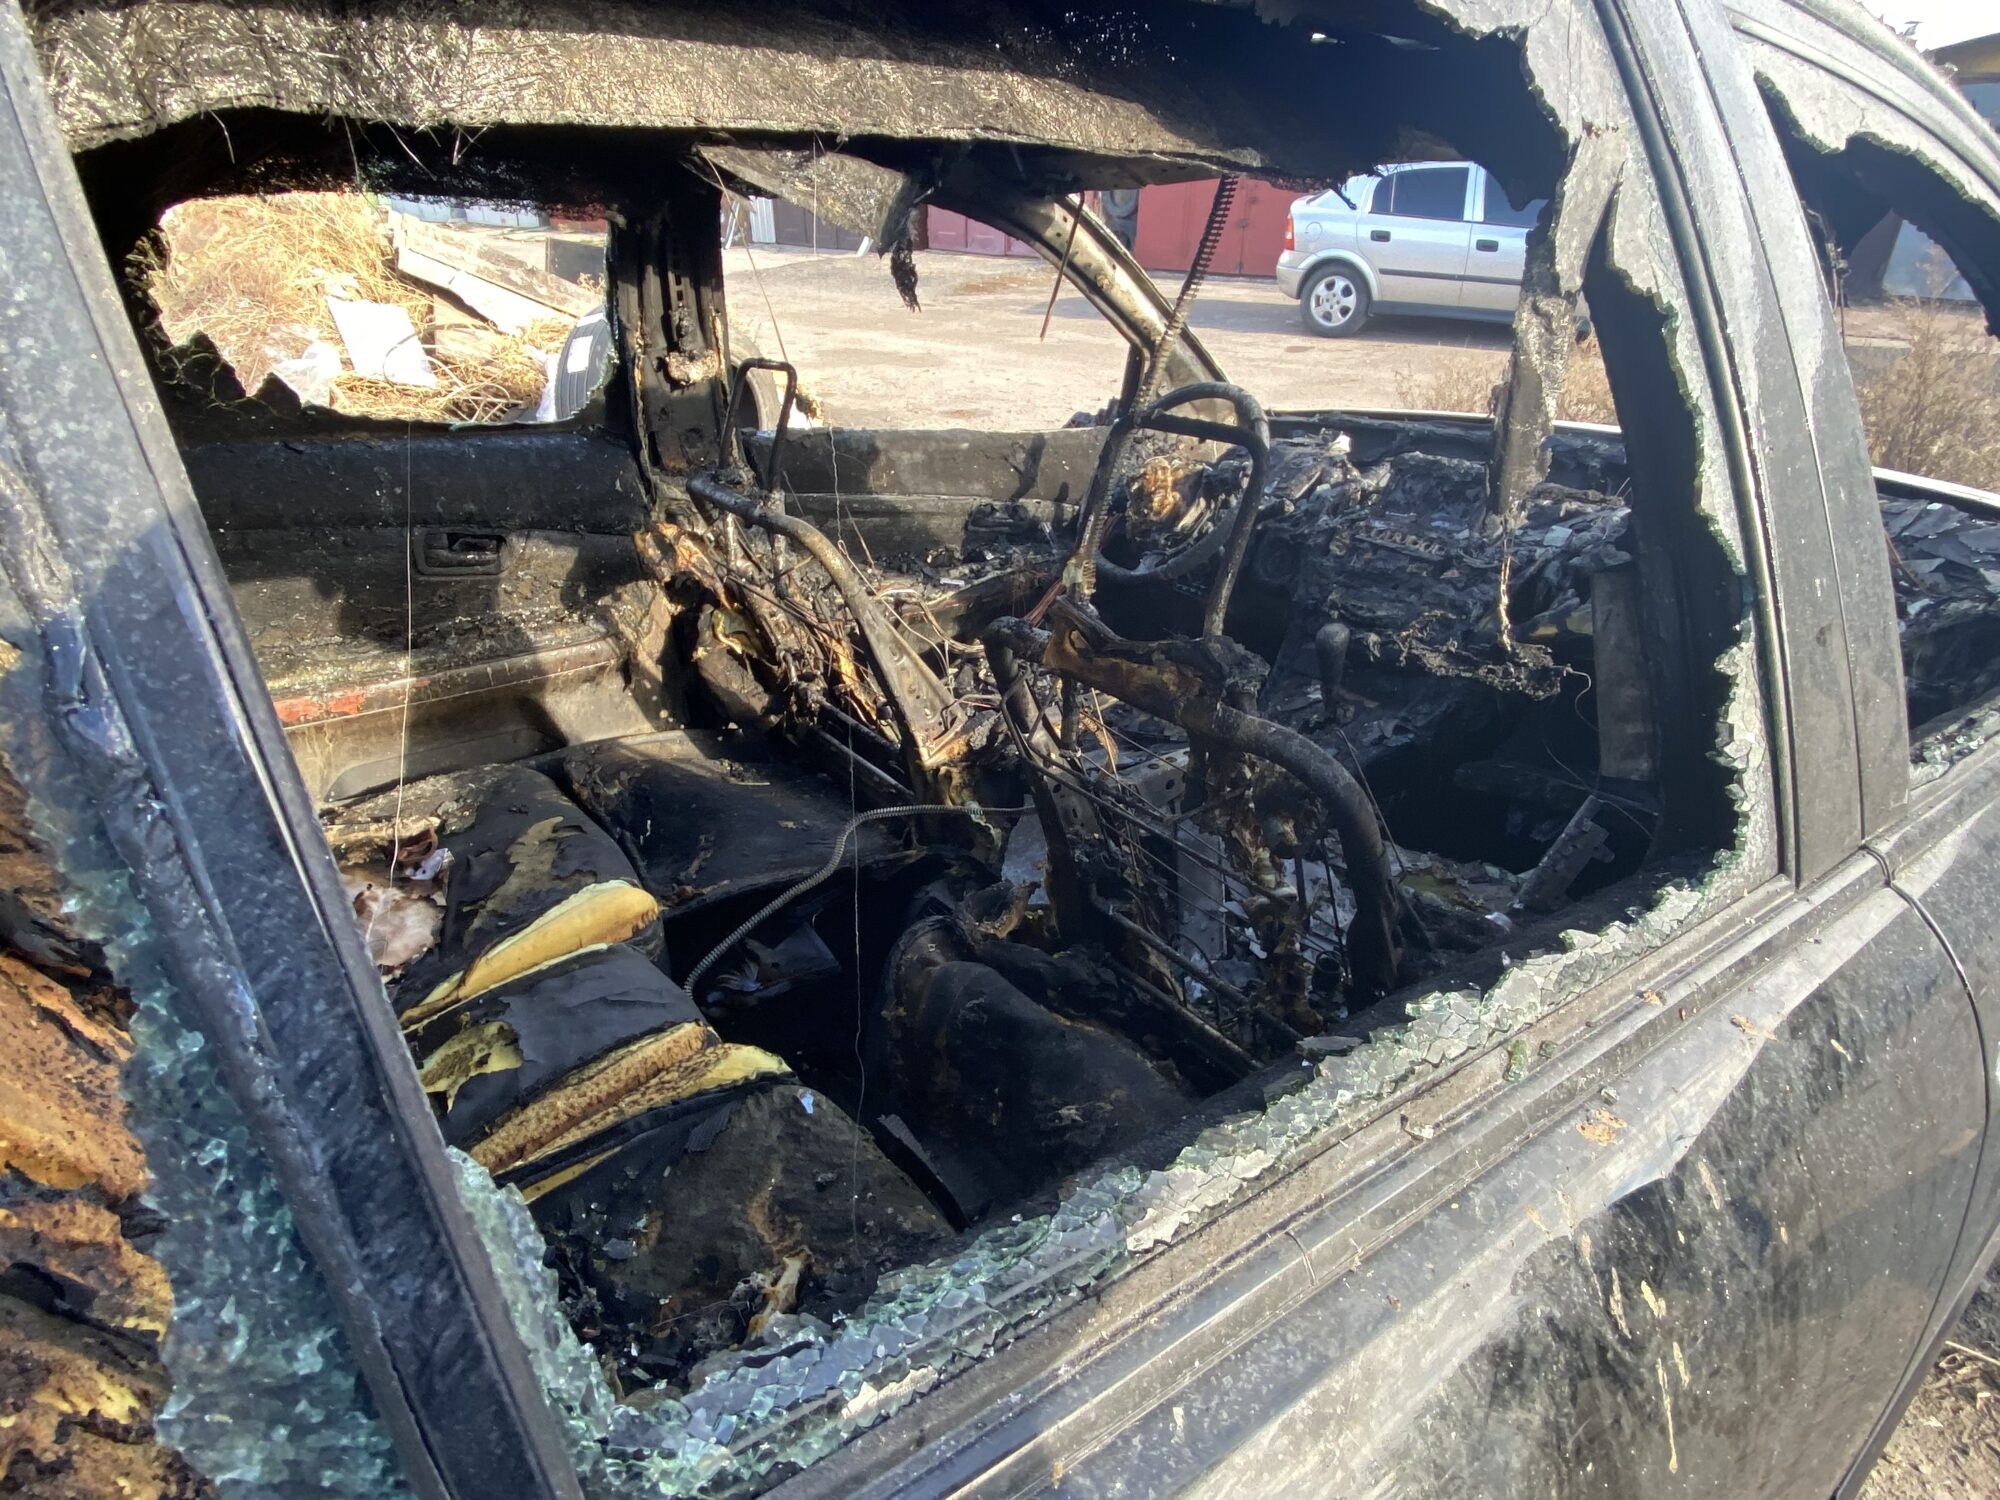 У Броварах згорів Lexus - загорання автомобіля, ДСНС Київщини - BFDCBAF2 9D1D 4E66 80D4 0CDA5F305821 2000x1500